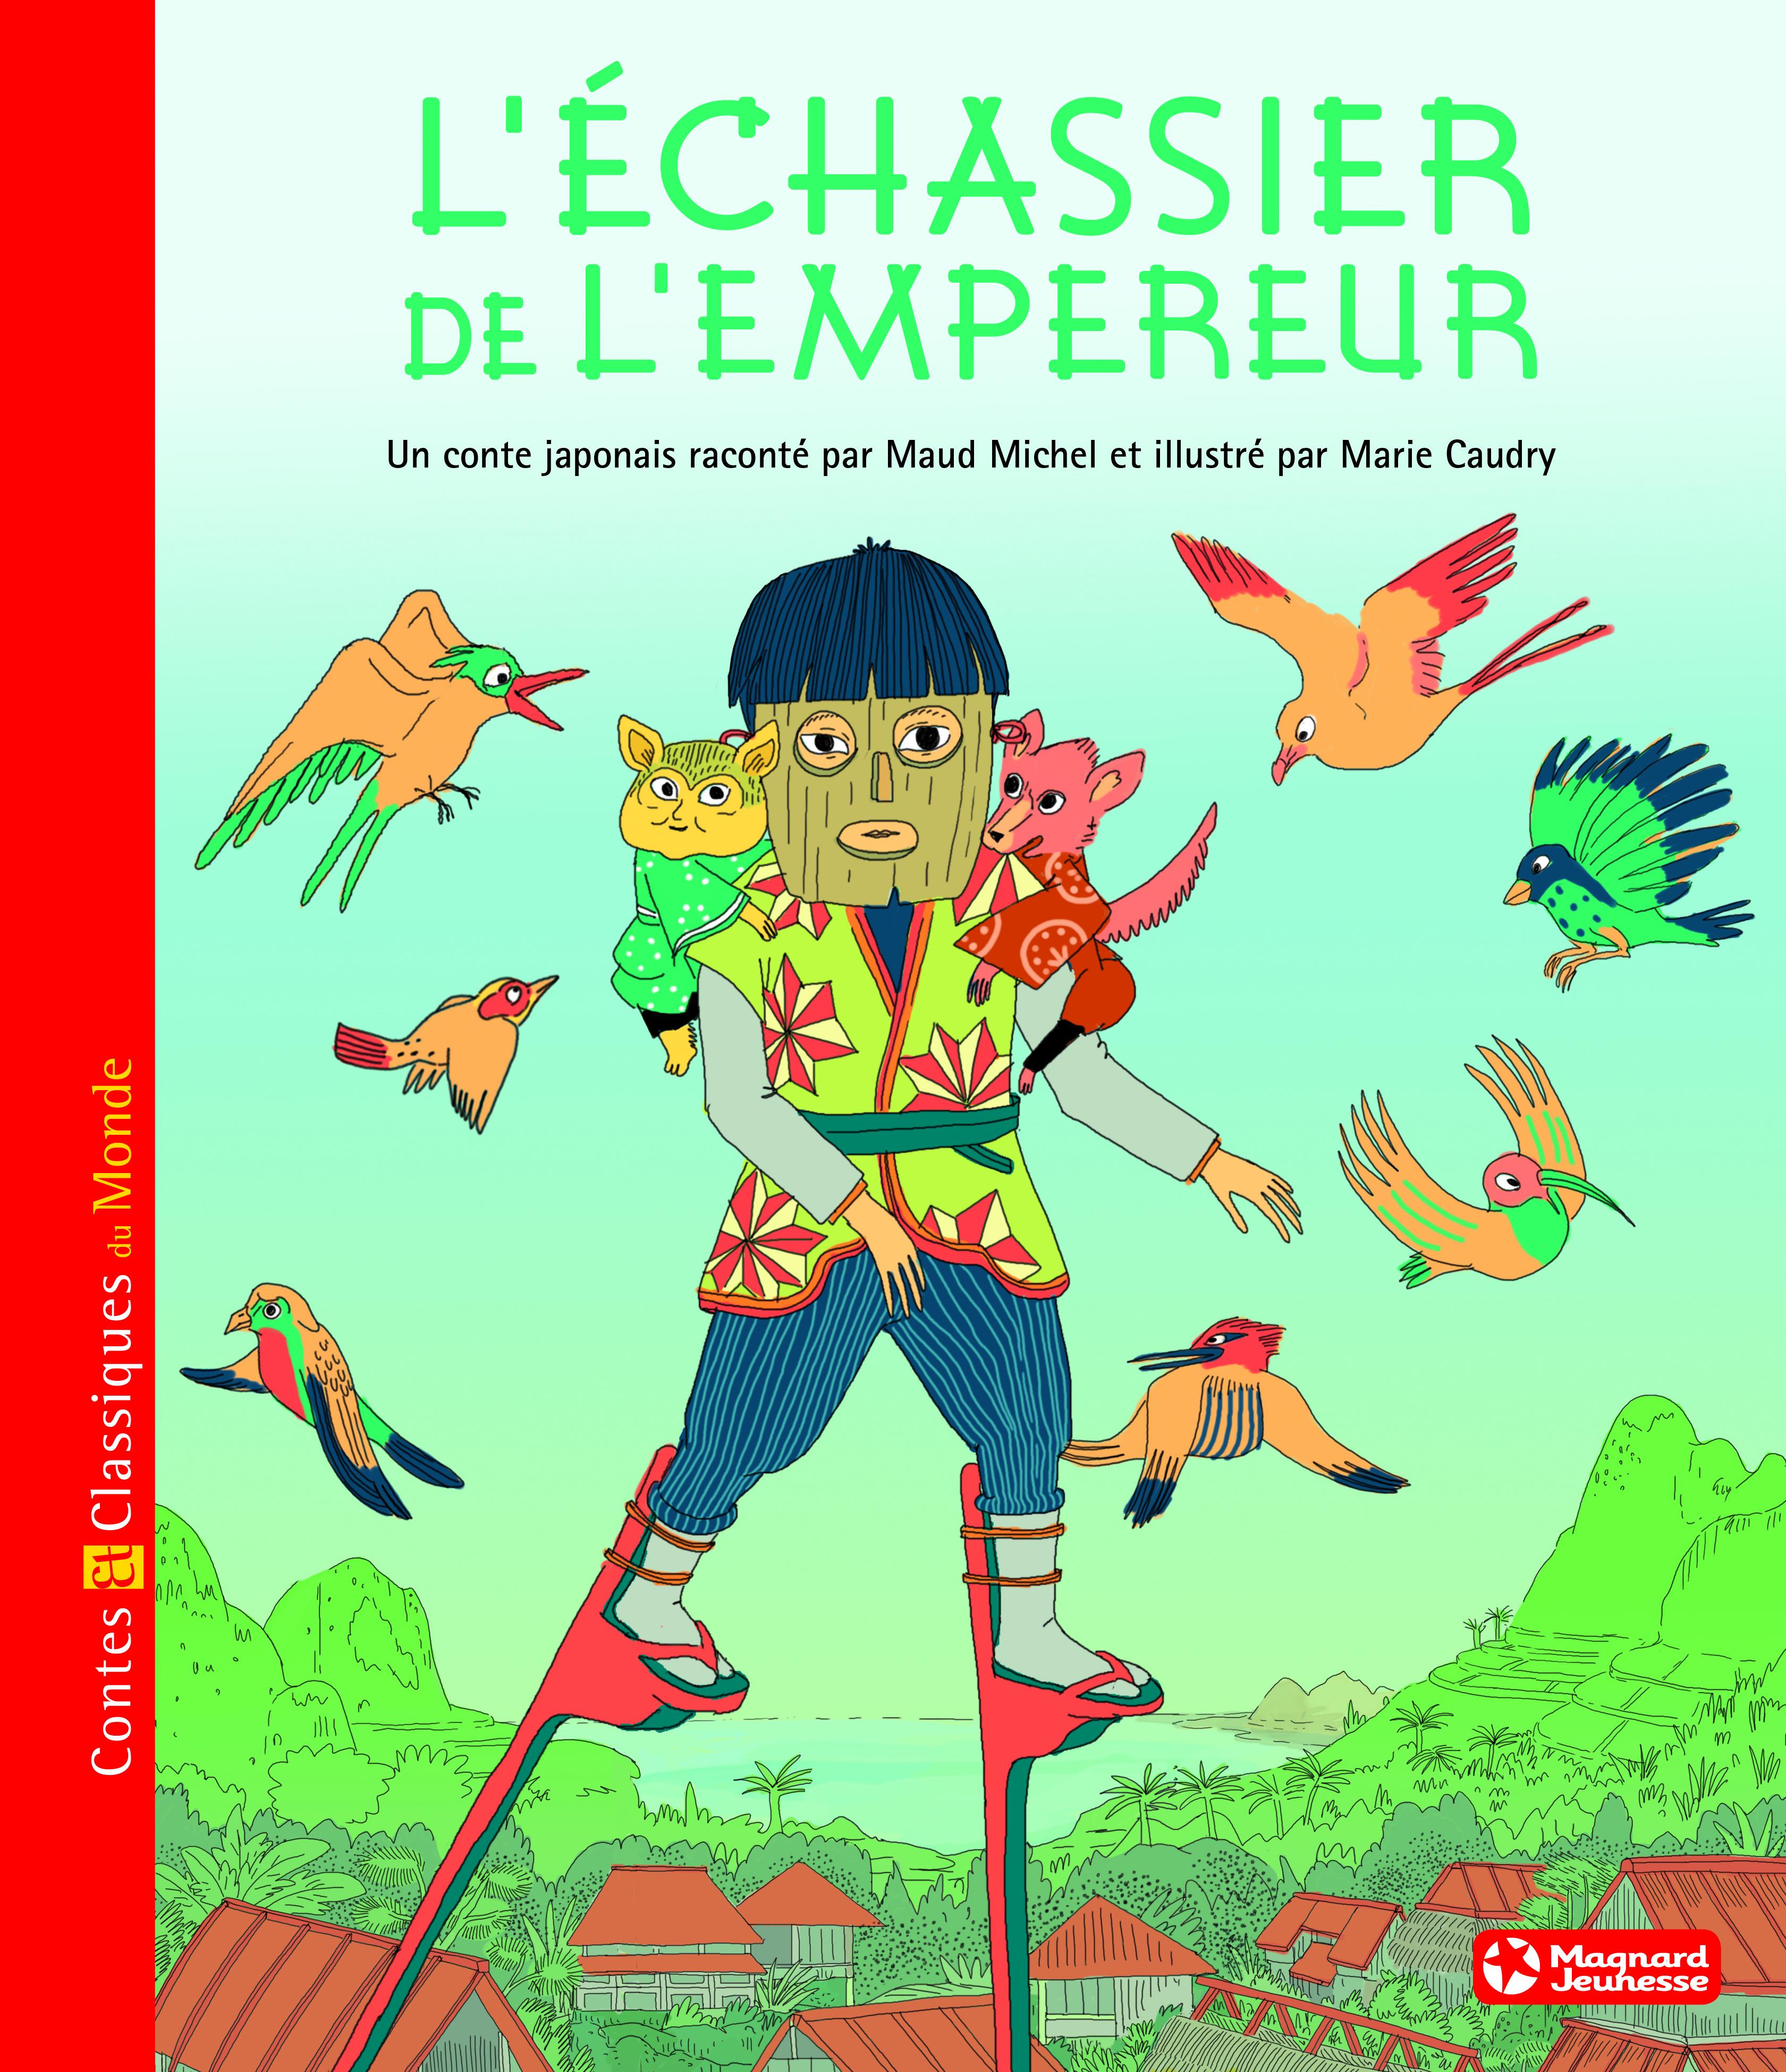 ECHASSIER DE L'EMPEREUR (L)